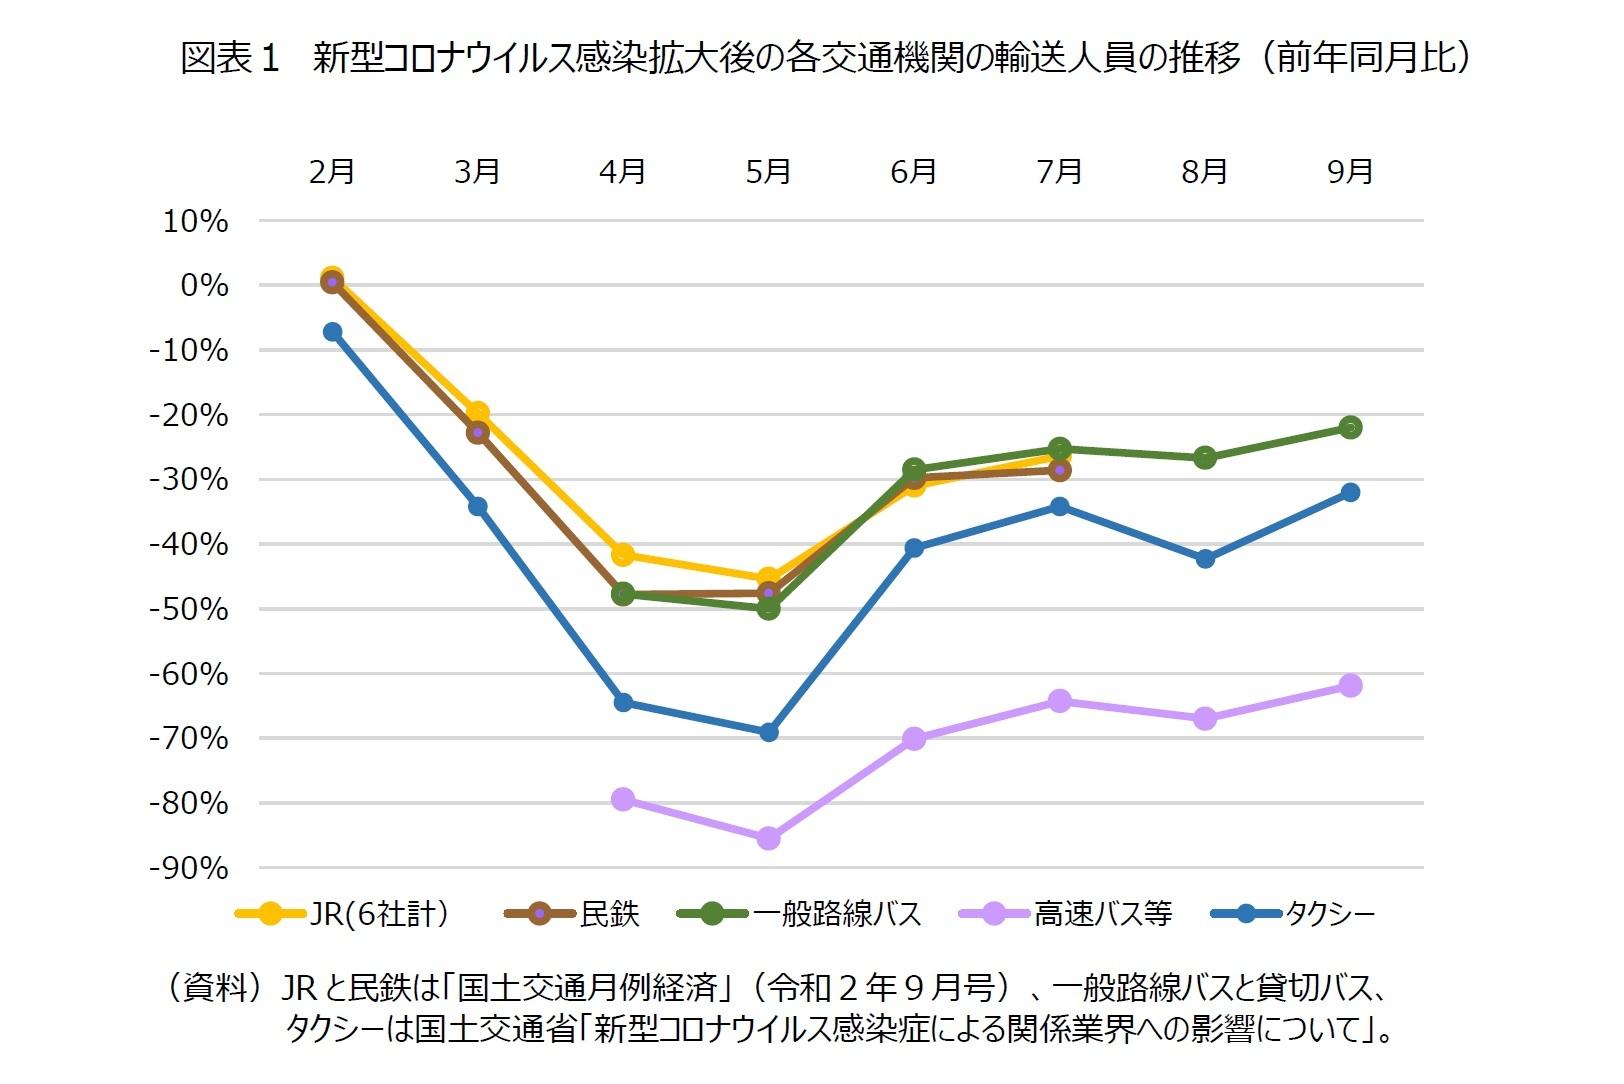 図表1 新型コロナウイルス感染拡大後の各交通機関の輸送人員の推移(前年同月比)